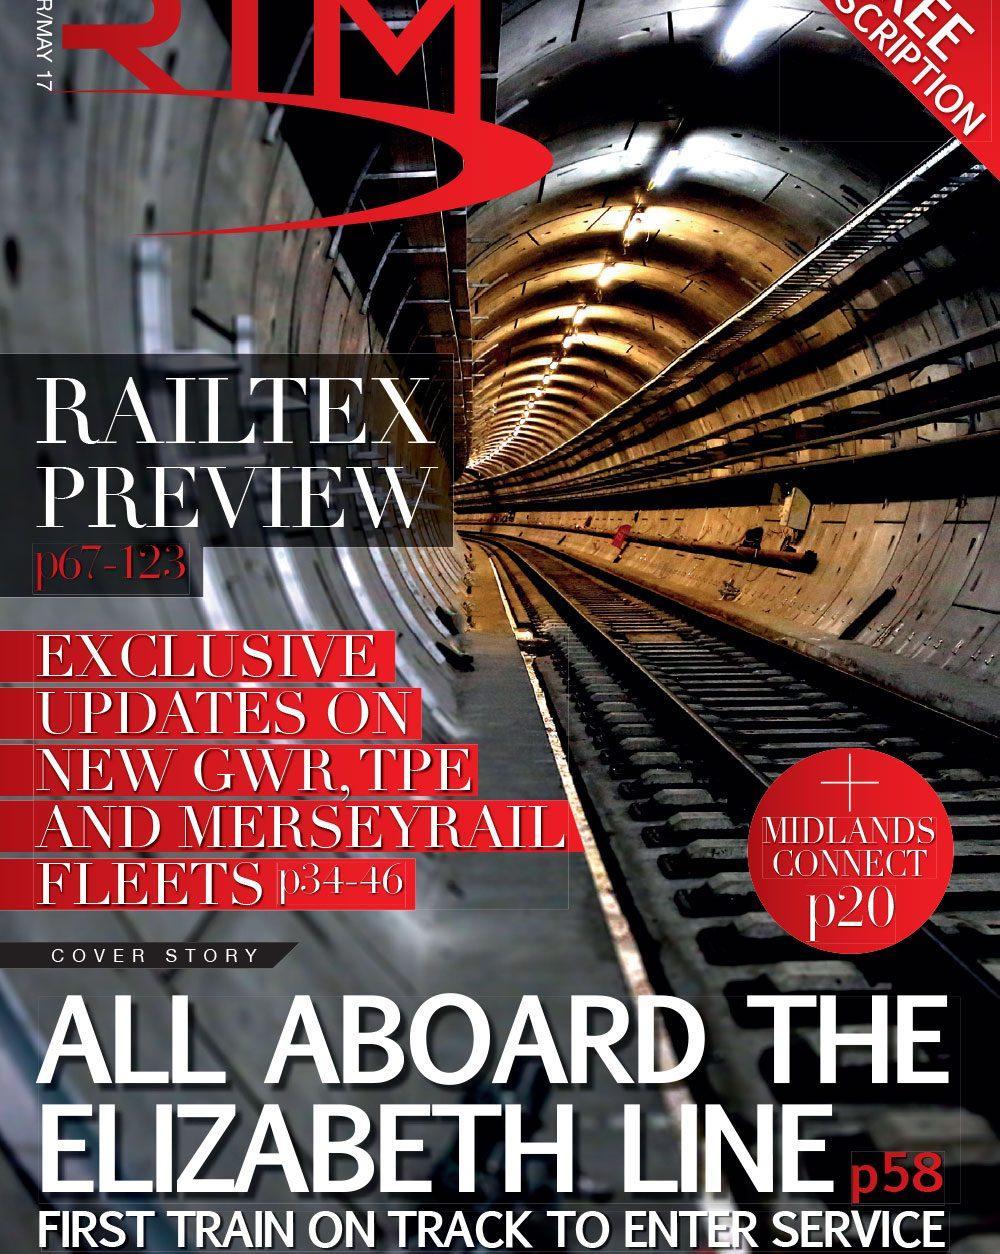 railtex magazine cover